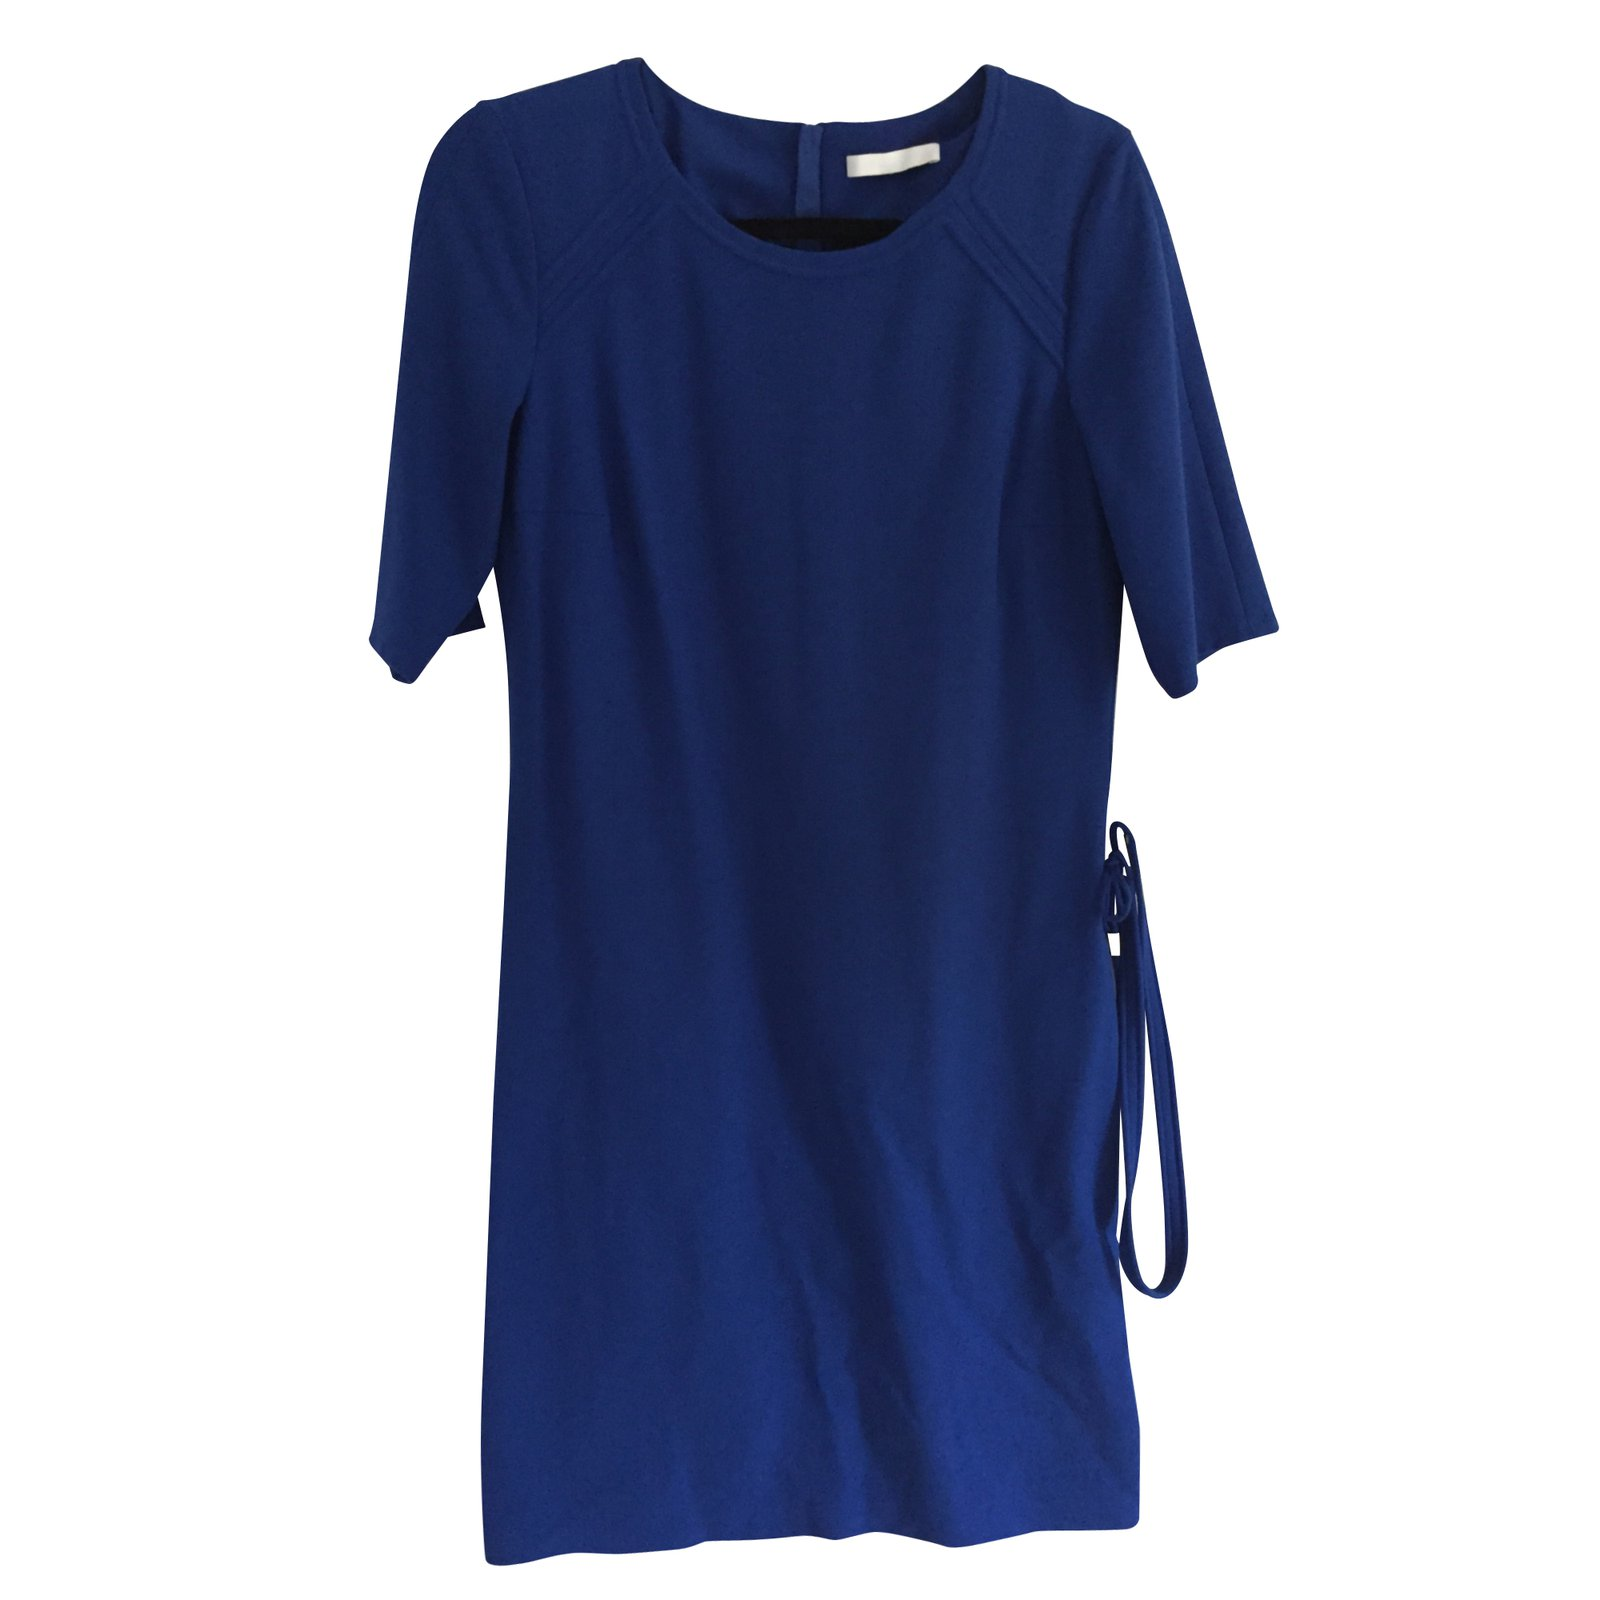 Robes hugo boss robe coton bleu joli closet for Robe de mariage hugo boss